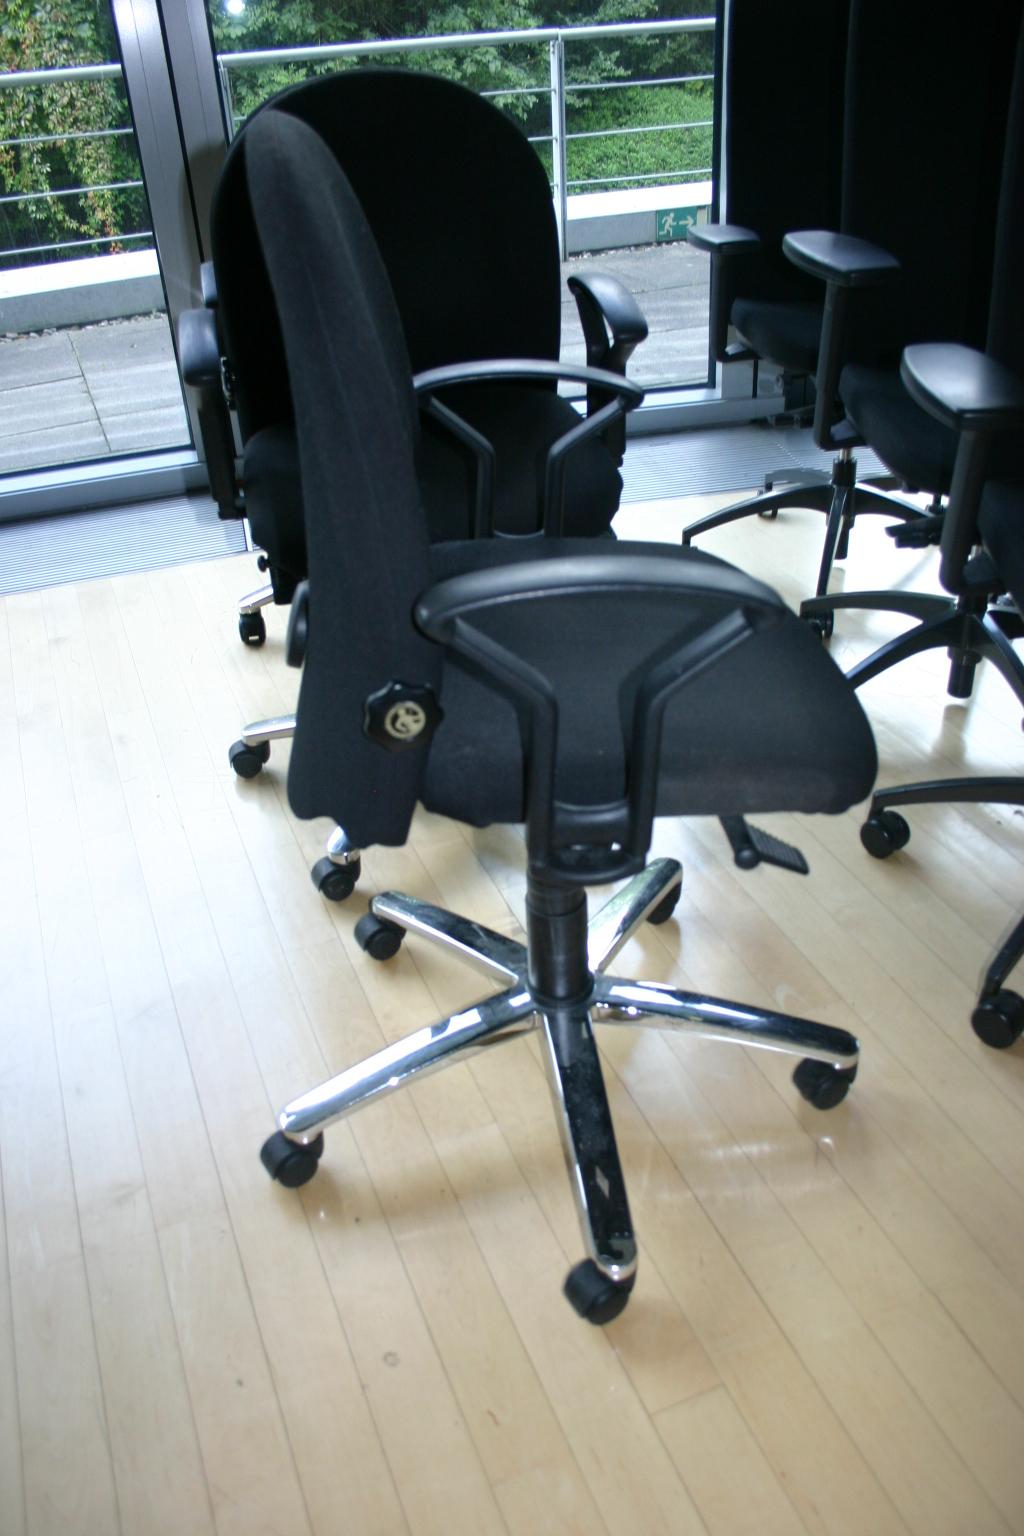 drehstuhl in schwarz von k nig neurath modell targo. Black Bedroom Furniture Sets. Home Design Ideas